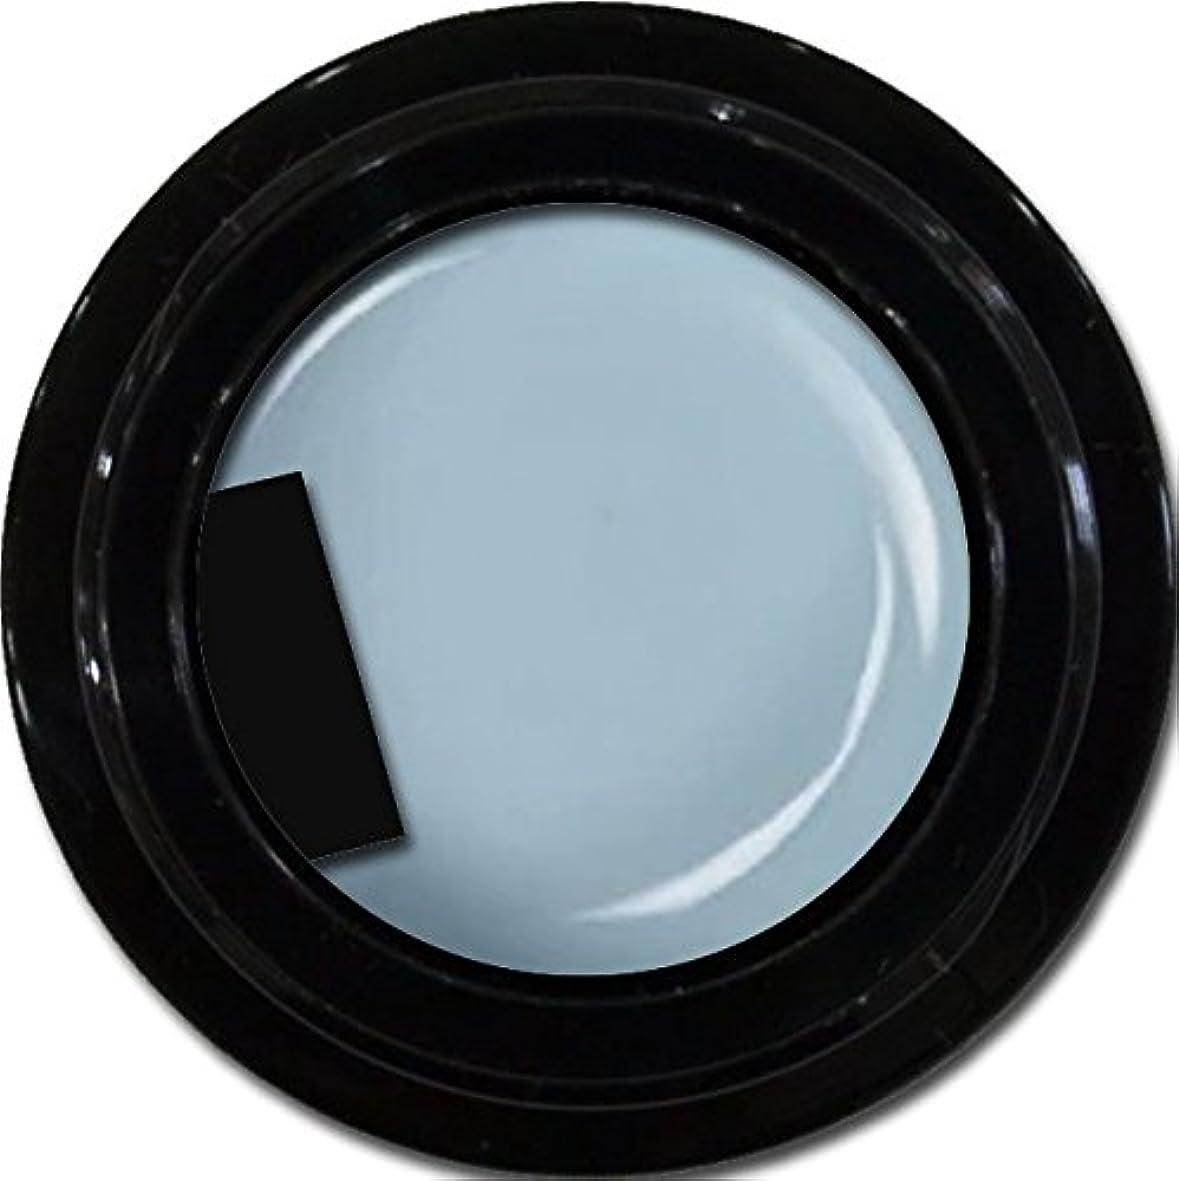 追加求人修正するカラージェル enchant color gel M705 SmokeBlue 3g/ マットカラージェル M705 スモークブルー 3グラム